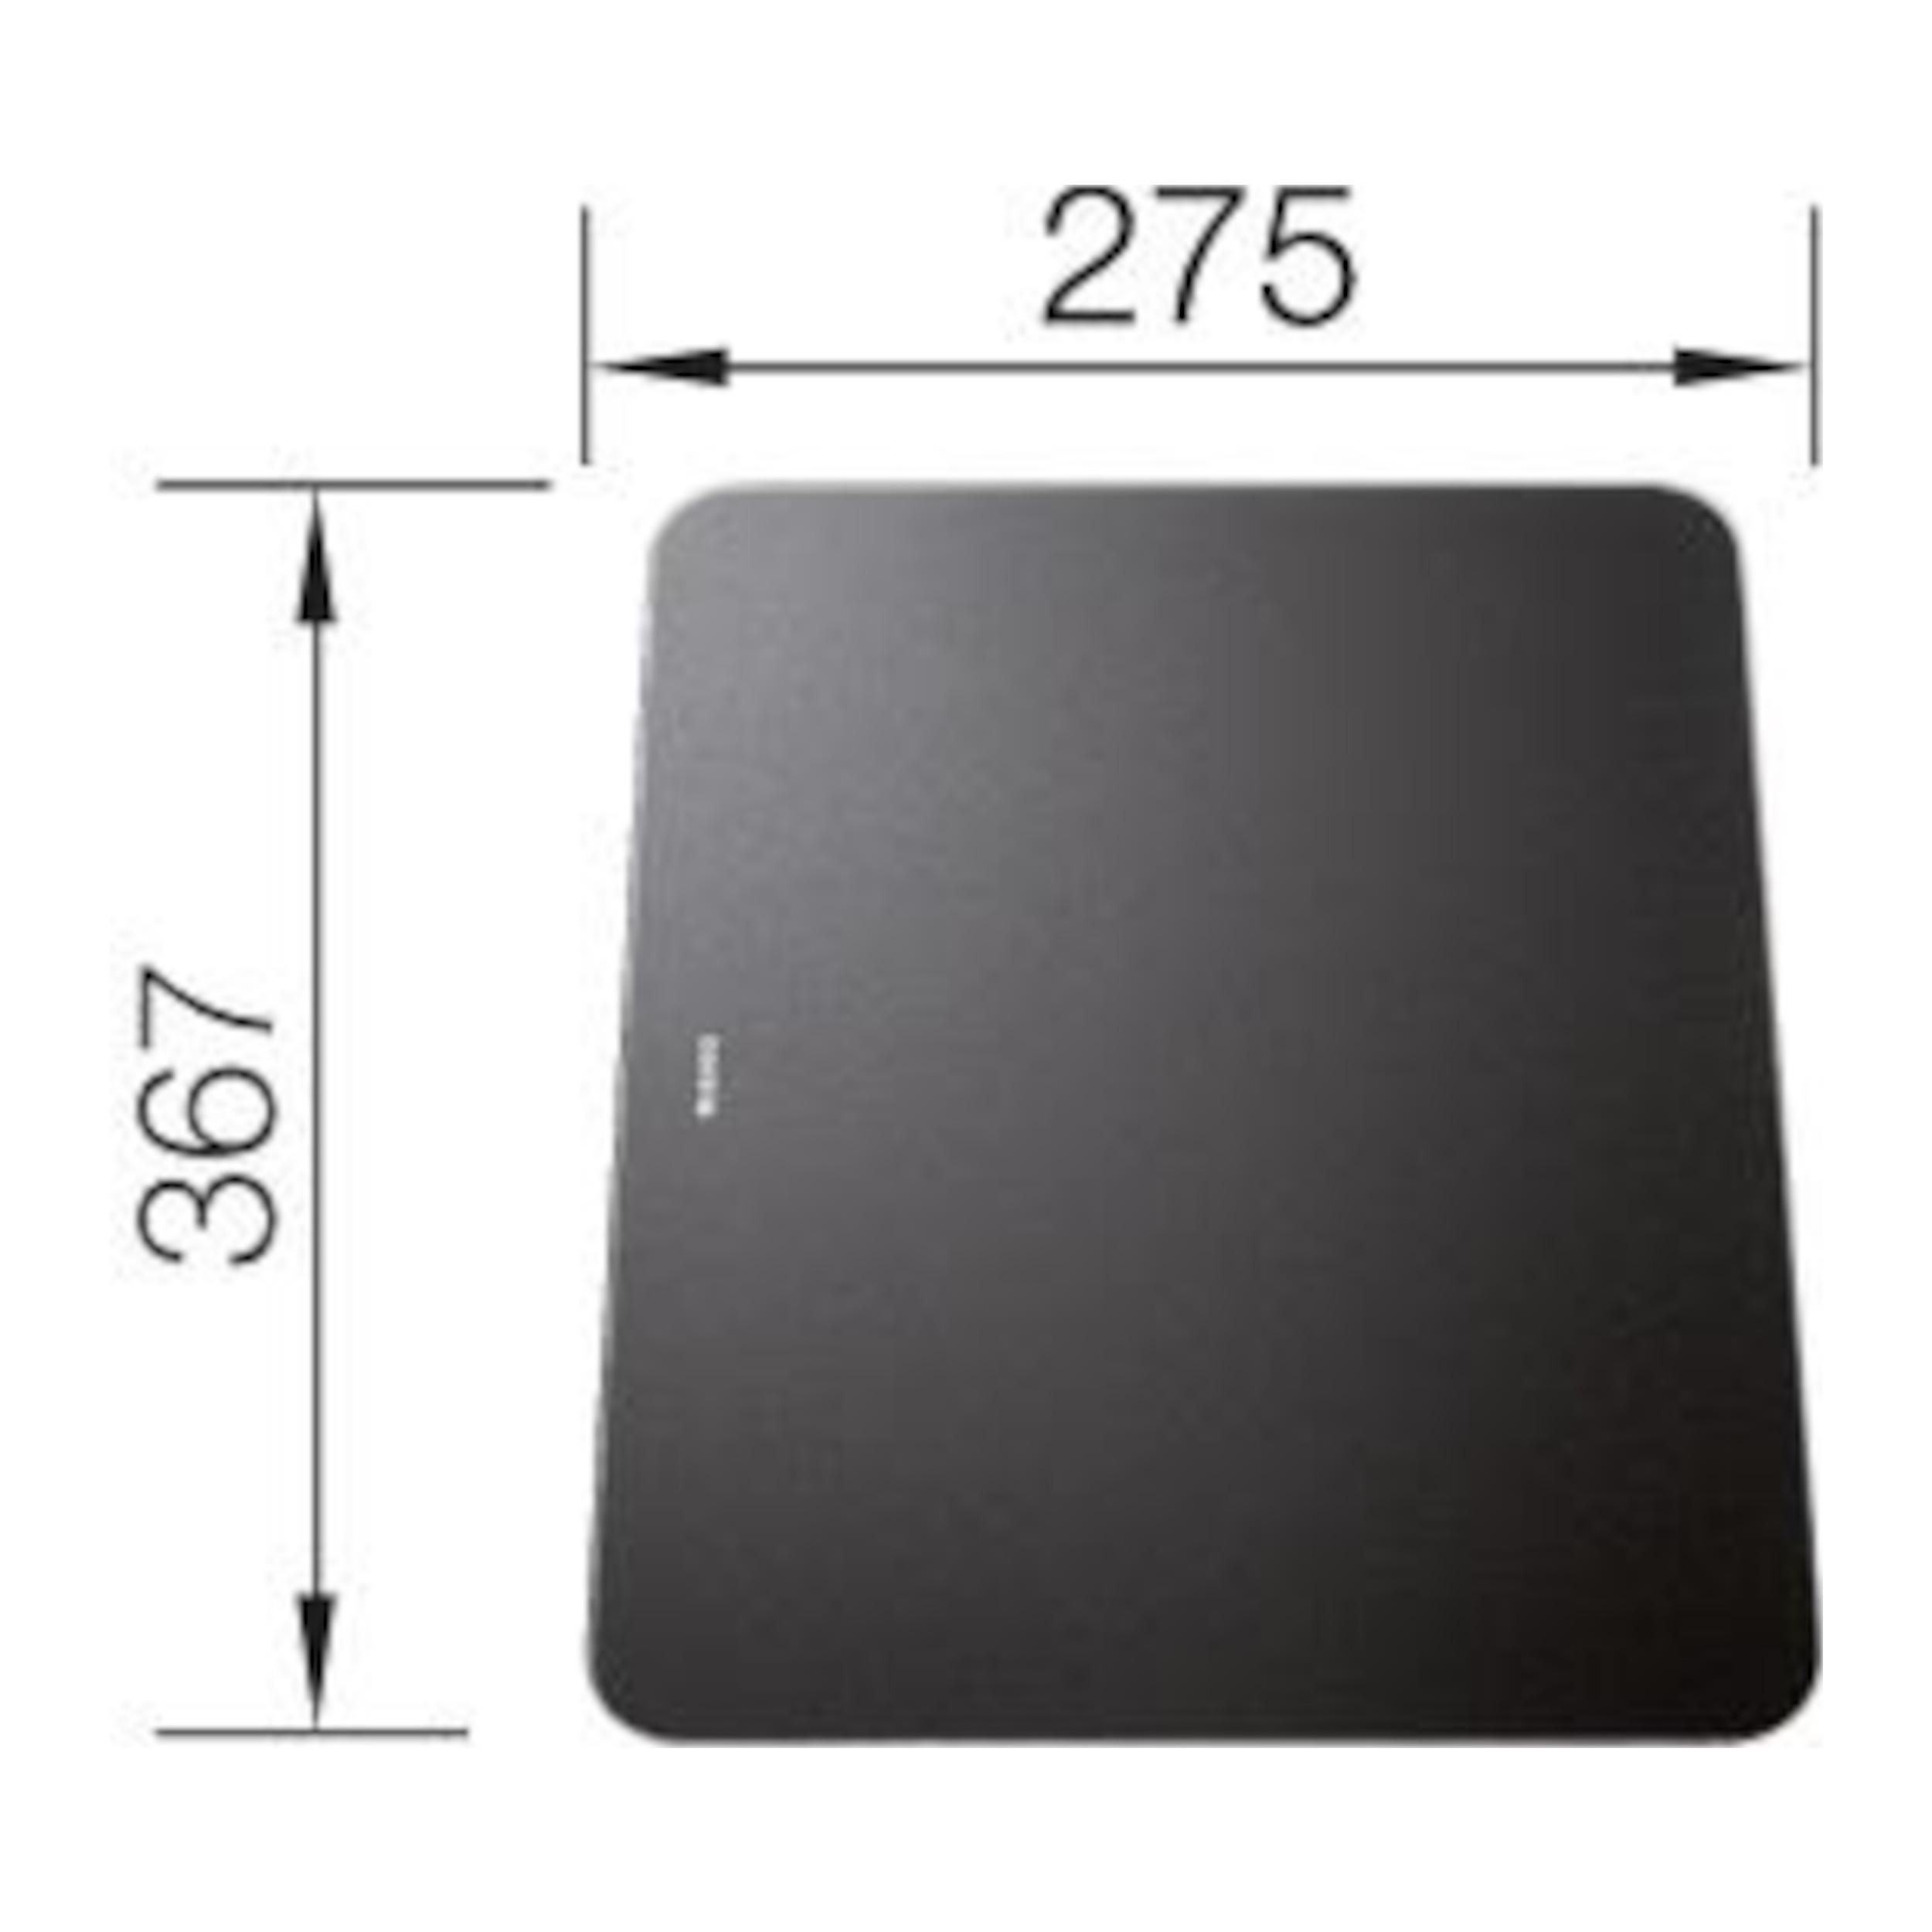 BLANCO Schneidbrett aus satiniertem Sicherheitsglas ZENAR schwarz 367 x 275 mm, 223207